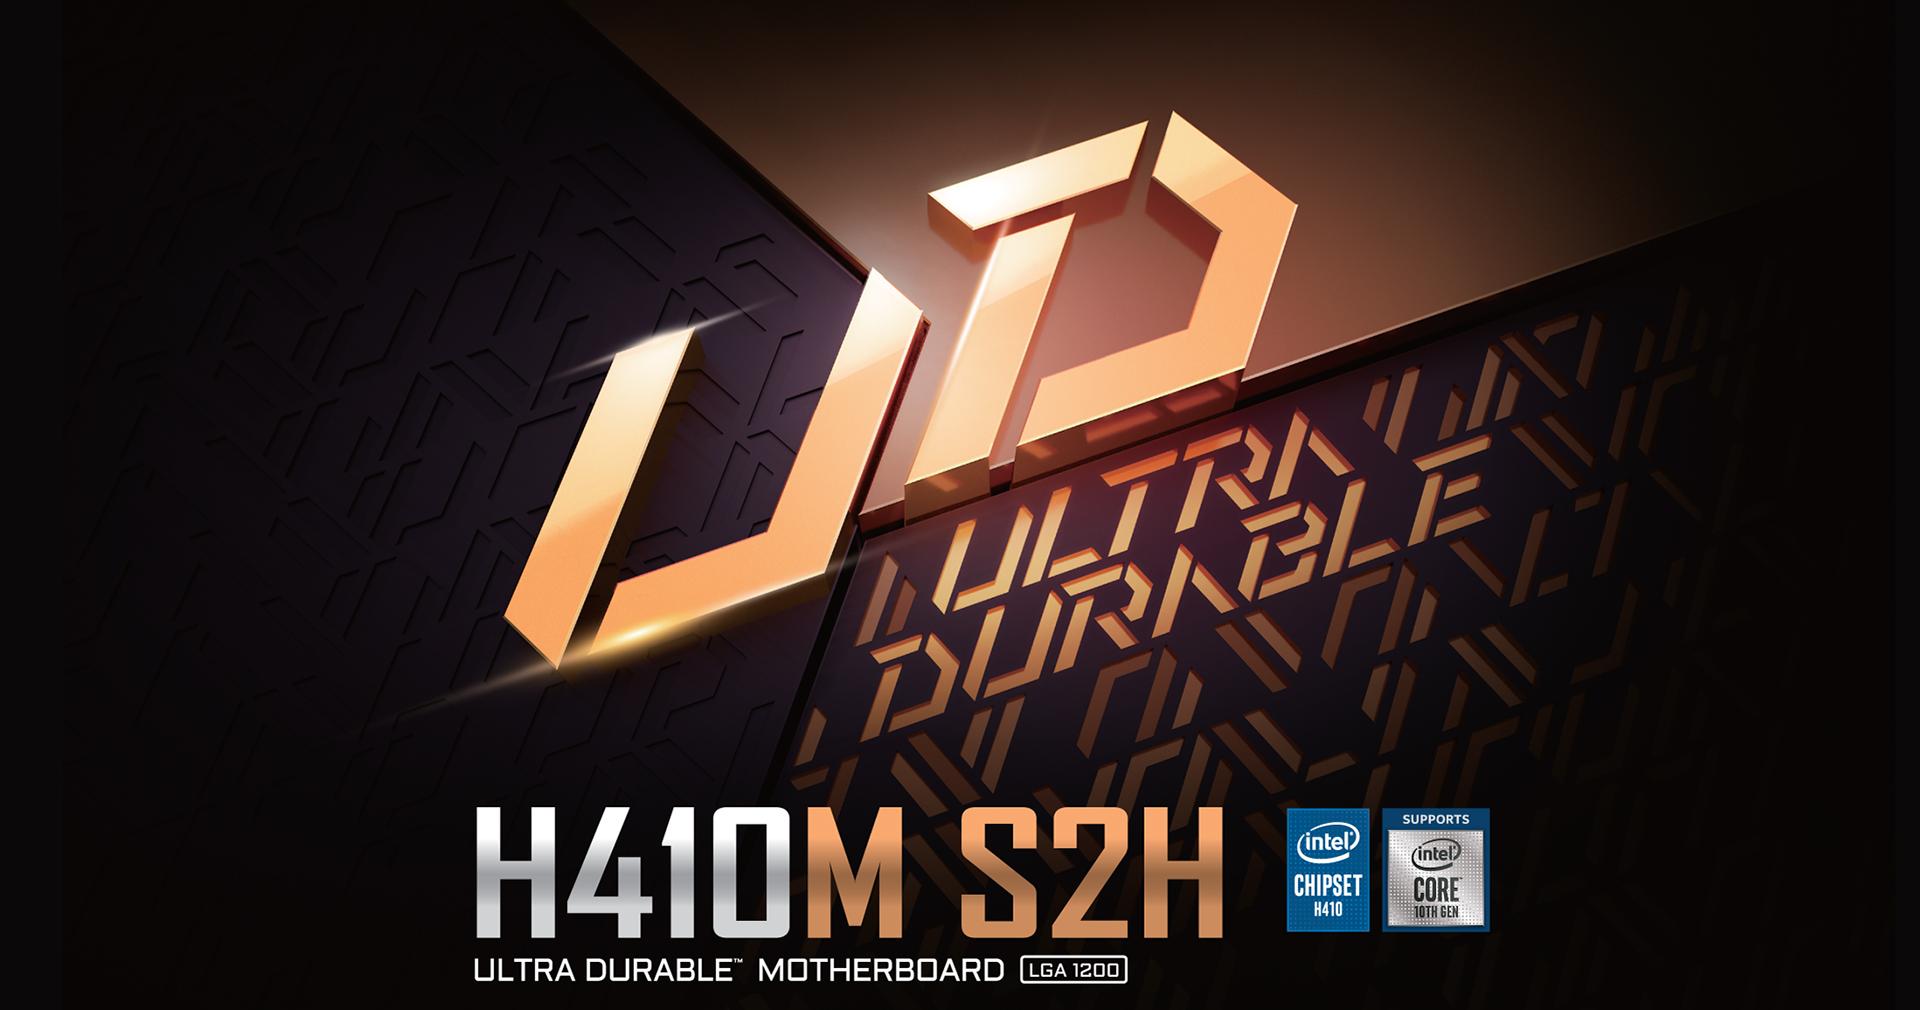 Gigabyte H410M S2H (rev. 1.0) Motherboard - Intel H410 Chipset 5